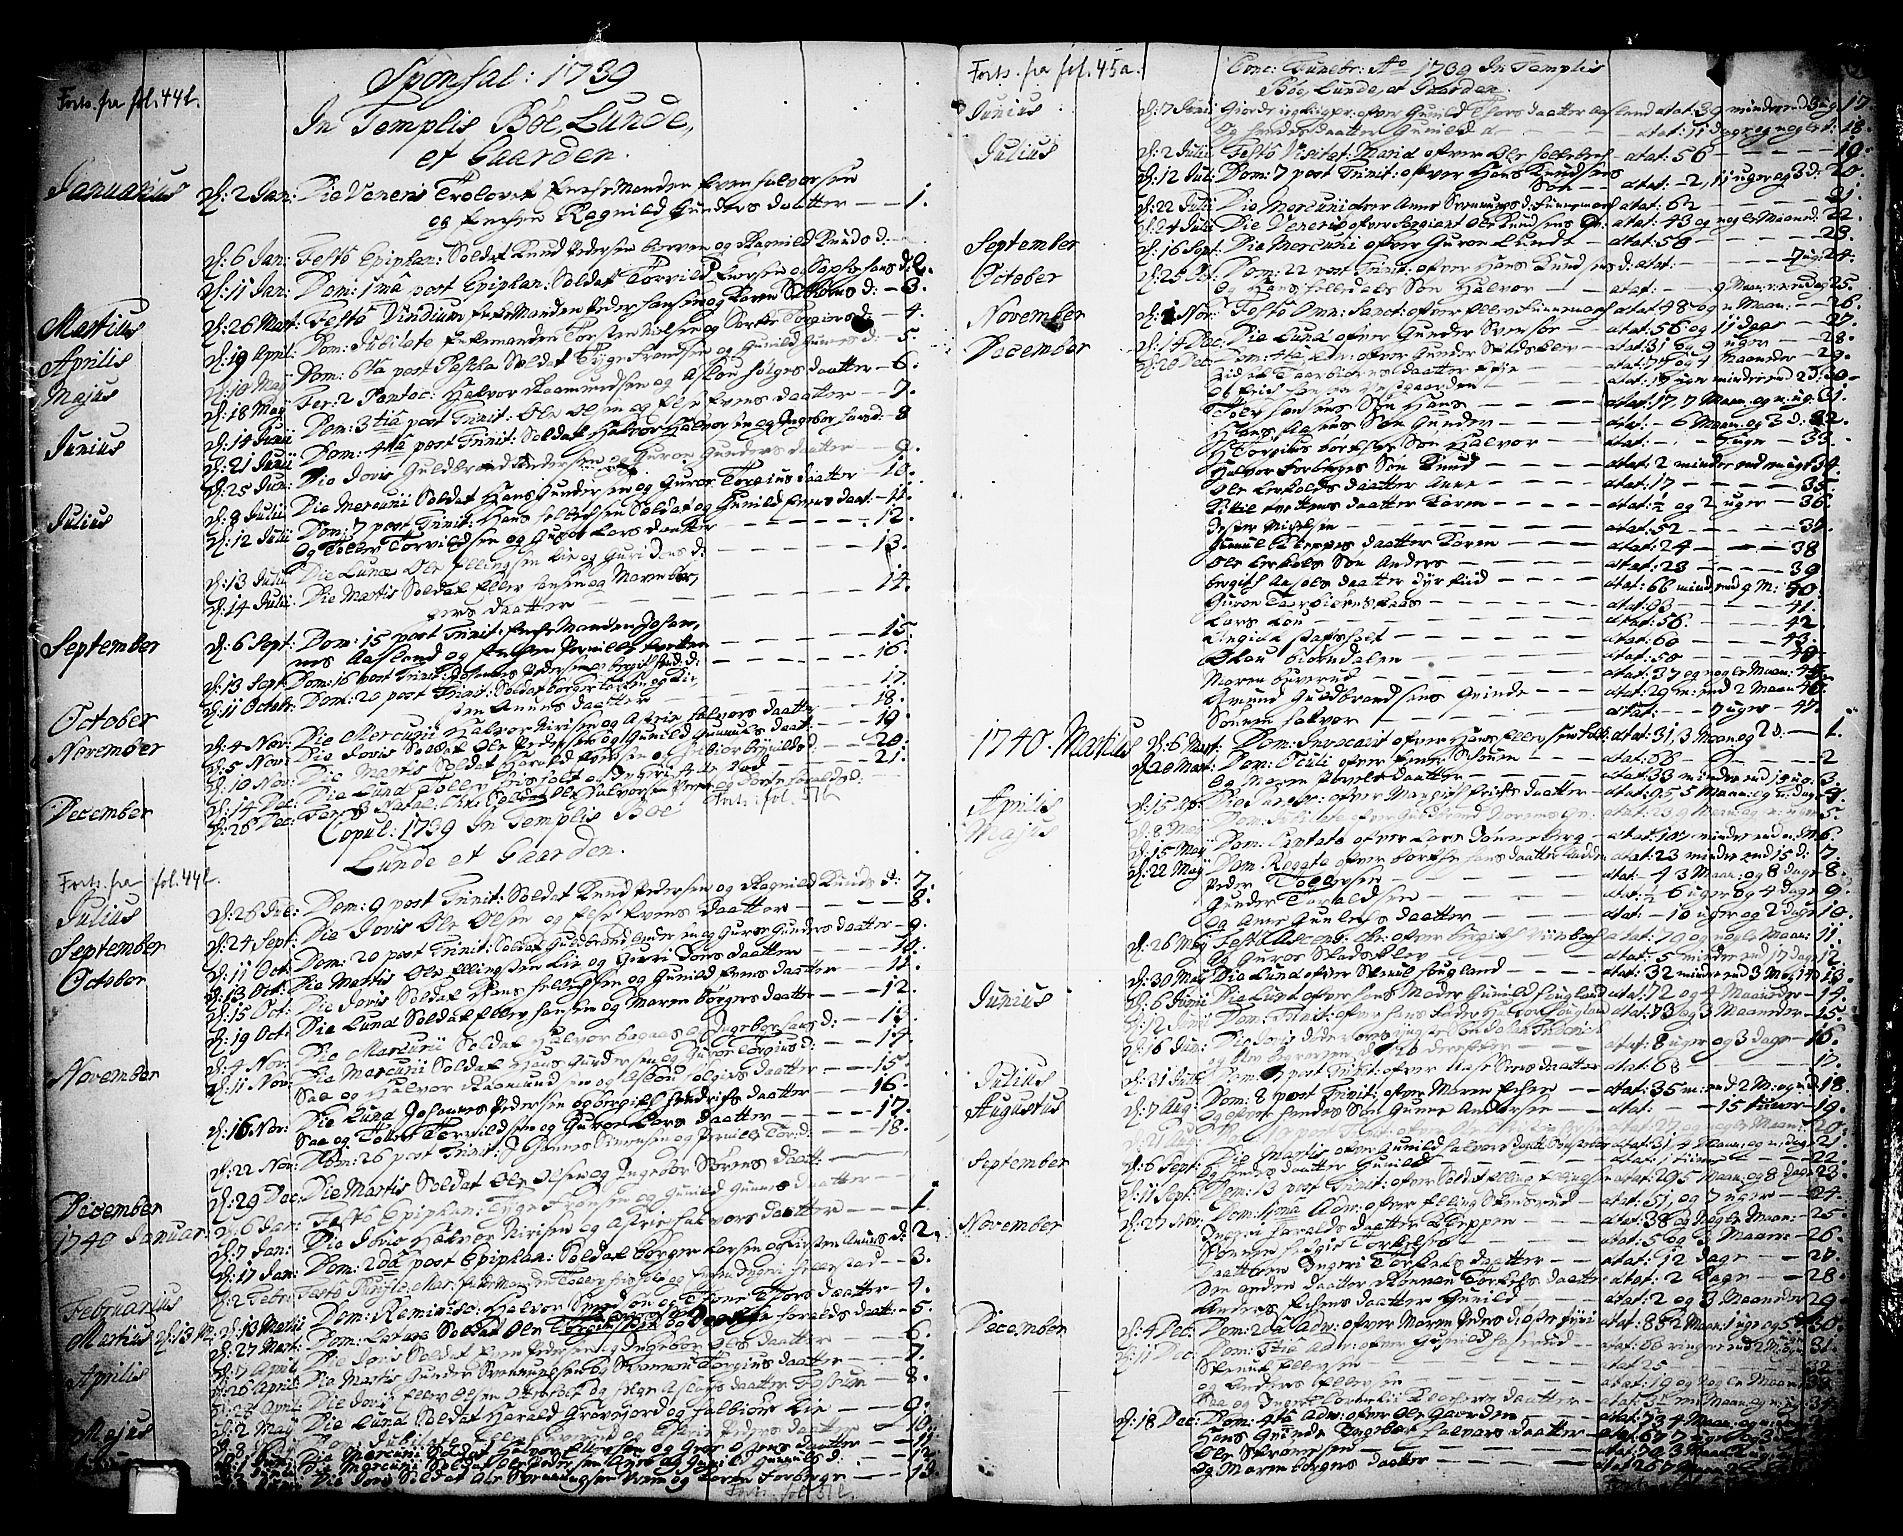 SAKO, Bø kirkebøker, F/Fa/L0003: Ministerialbok nr. 3, 1733-1748, s. 50